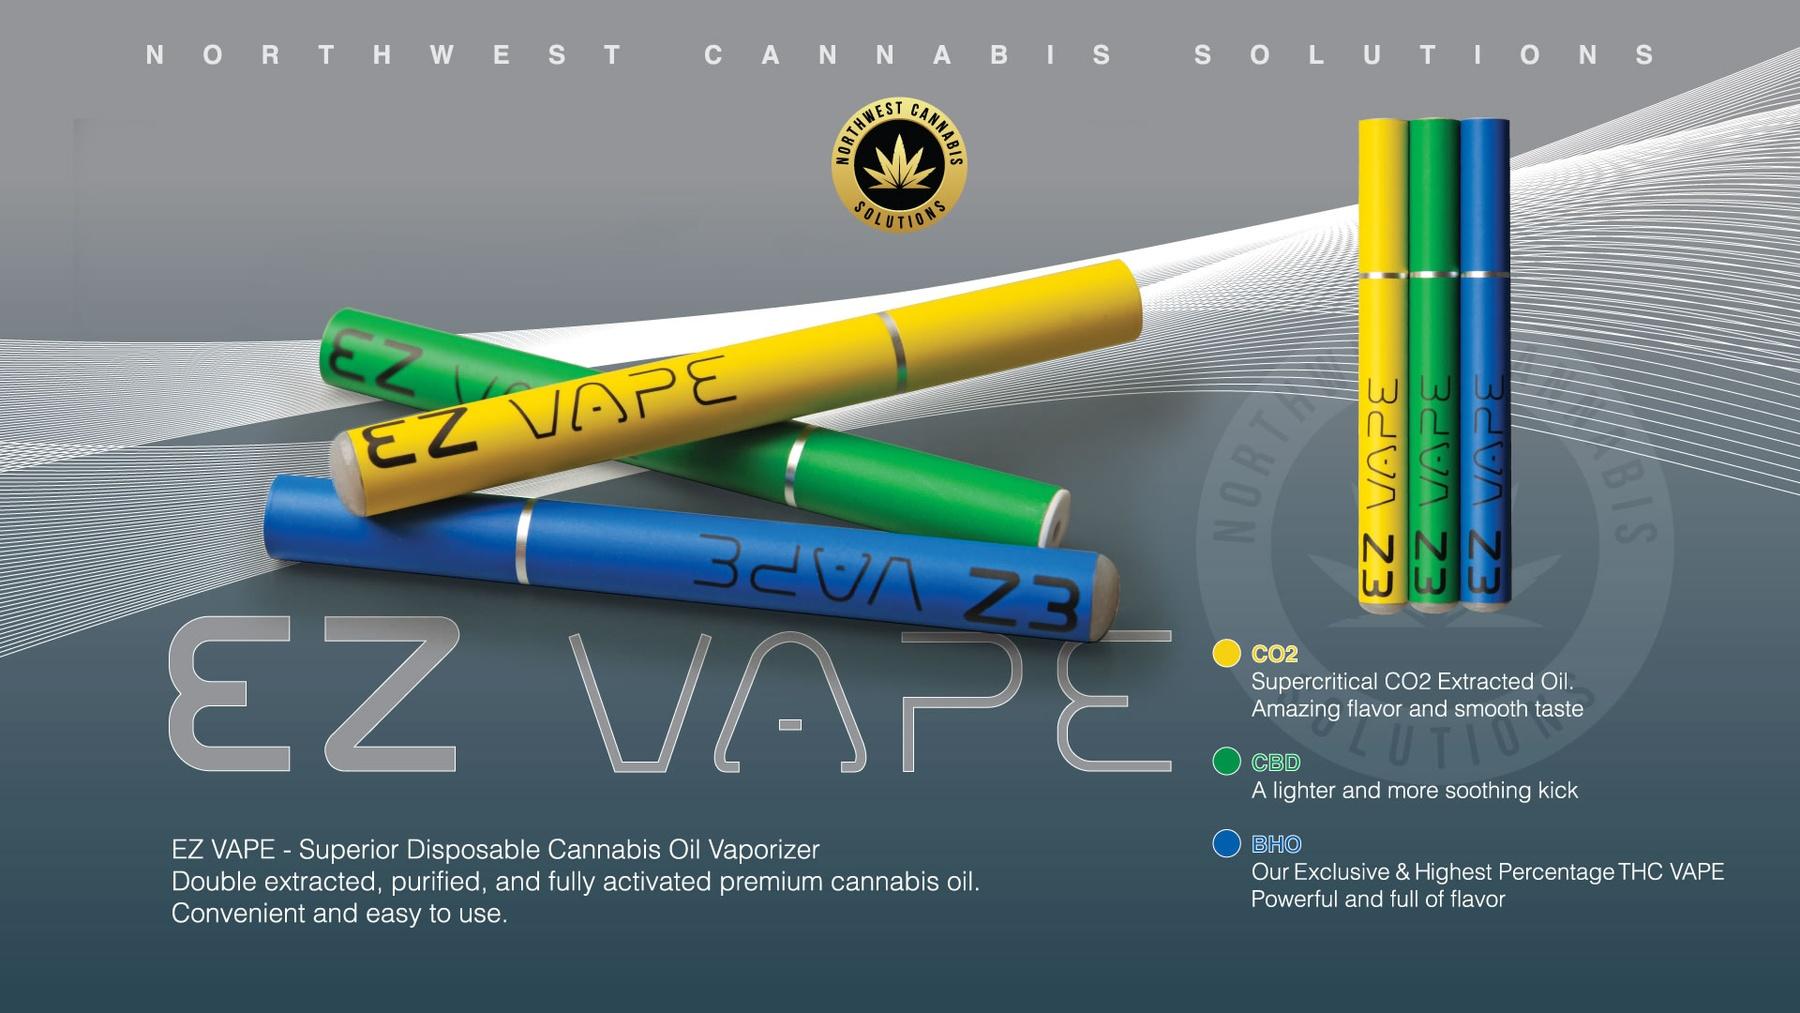 EZ Vape BHO Sunset Sherbet Product image